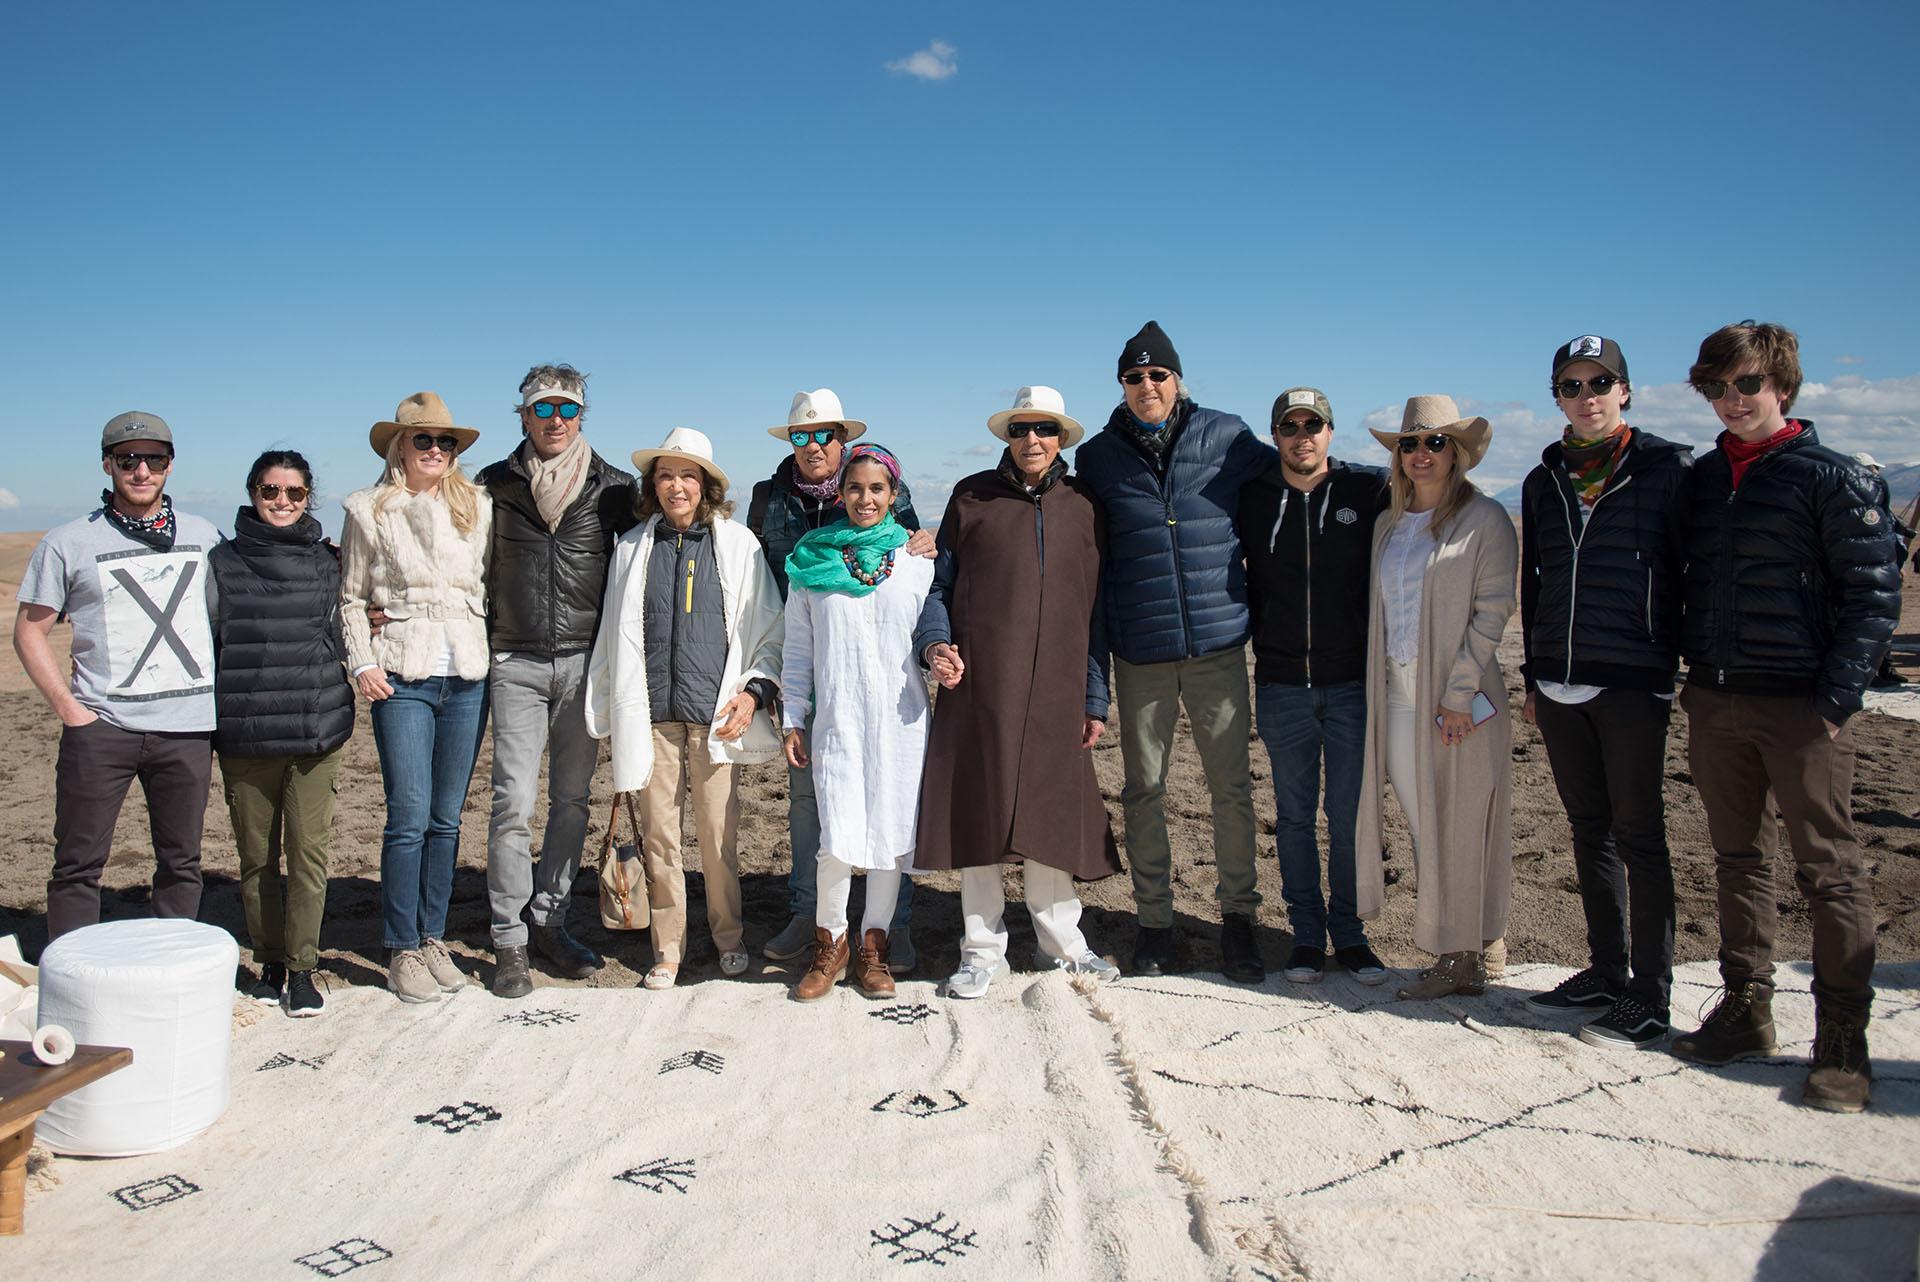 Alejandro Roemmers junto a su familia en el desierto de Agafay con la cordillera del Atlas